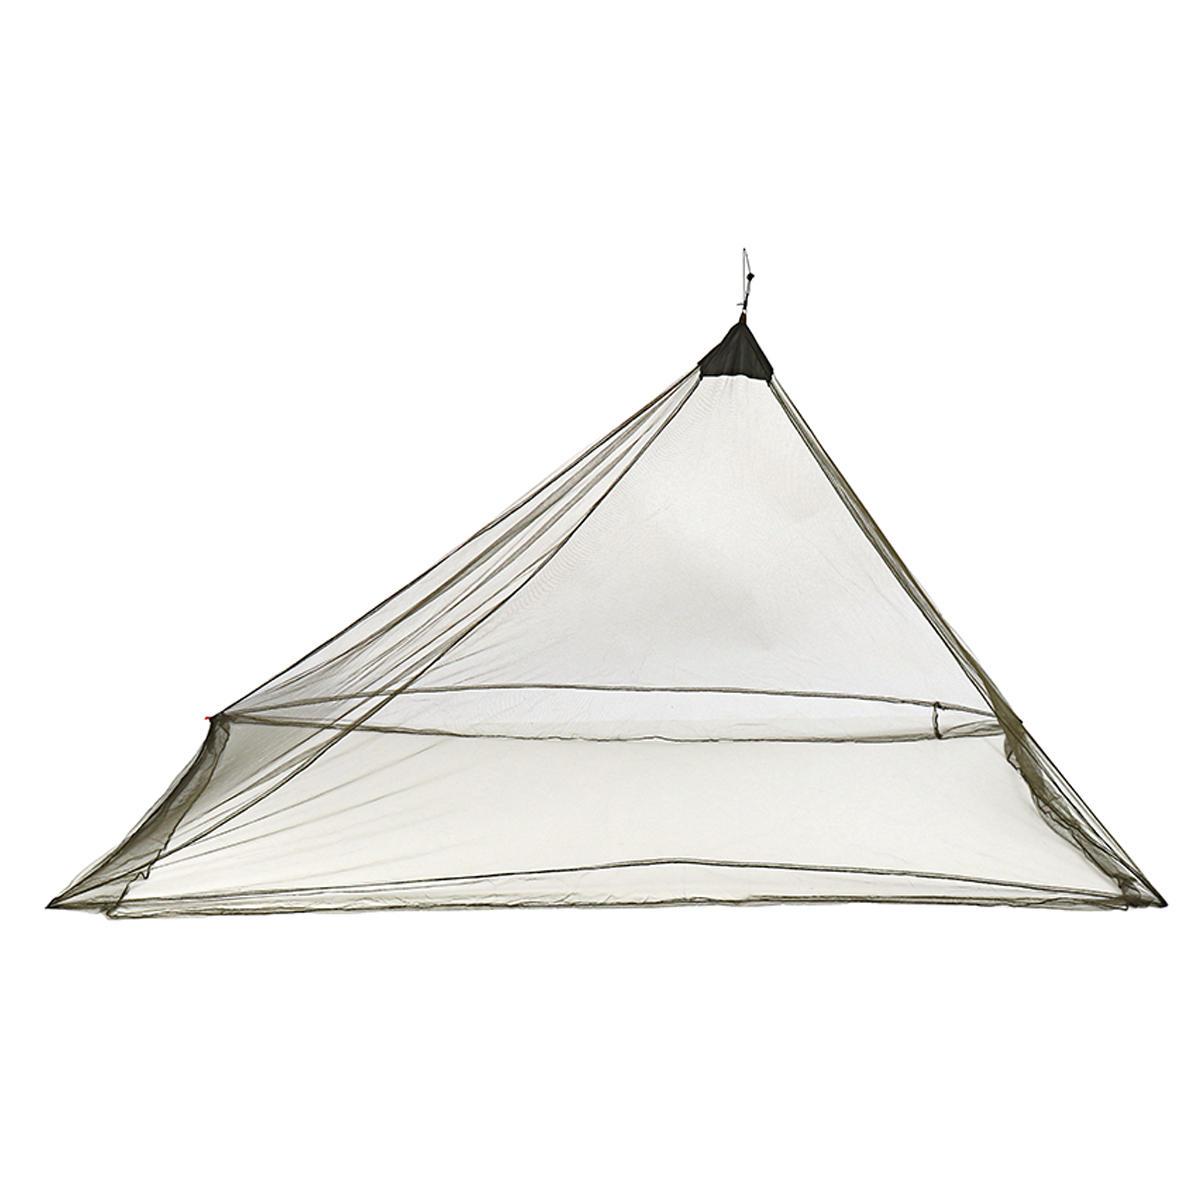 Moustiquaire portatif léger extérieur de moustiquaire de tente de moustique de filet de moustiquaire de camping